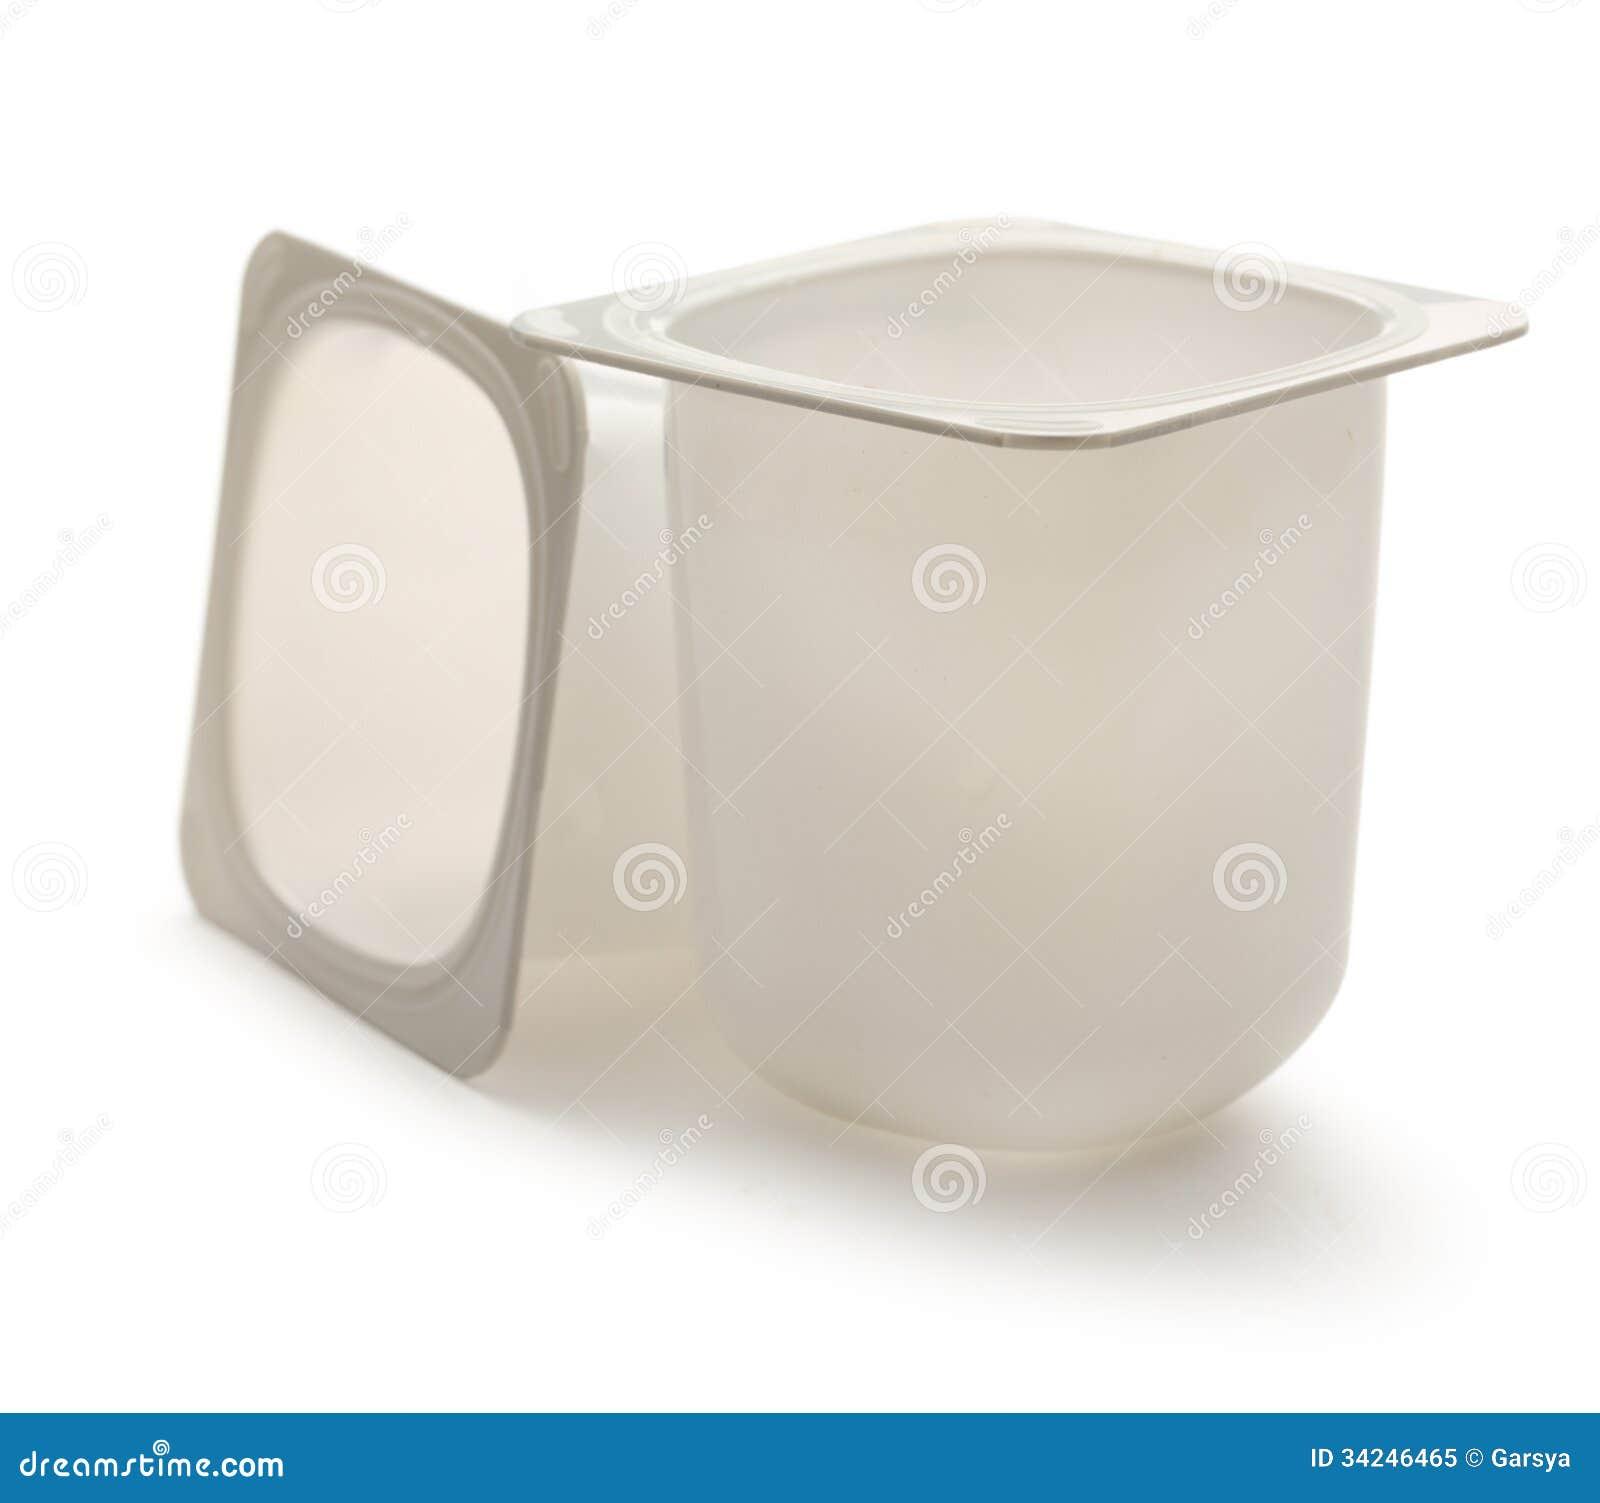 pots de yaourt photo libre de droits image 34246465. Black Bedroom Furniture Sets. Home Design Ideas